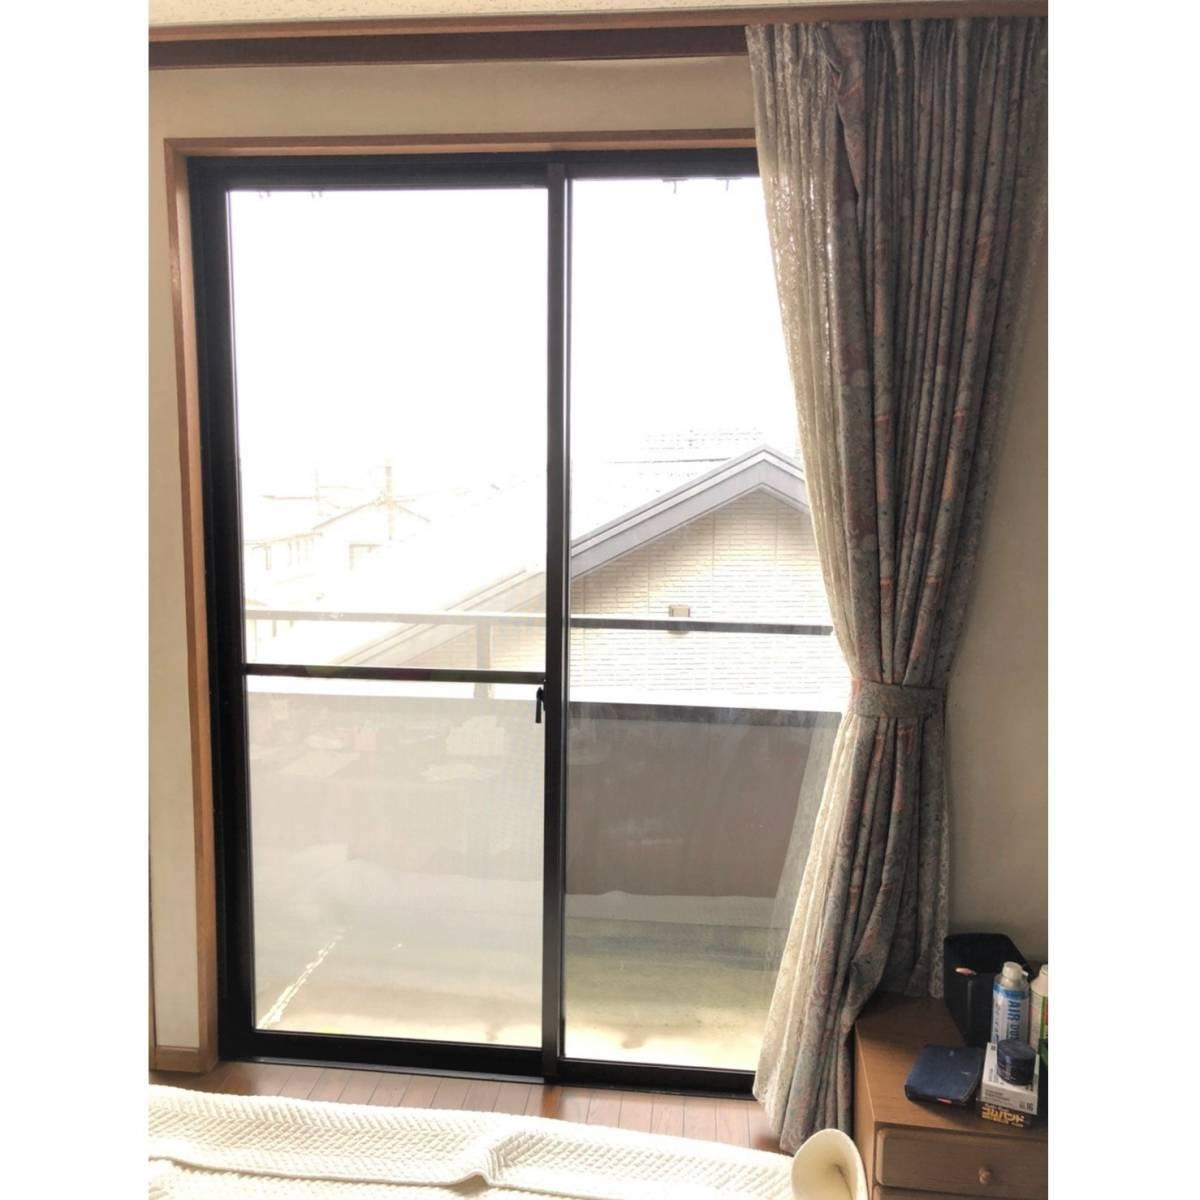 窓工房テラムラの効果が実感できたので、もう1窓インプラスをお願いしたいの施工前の写真1